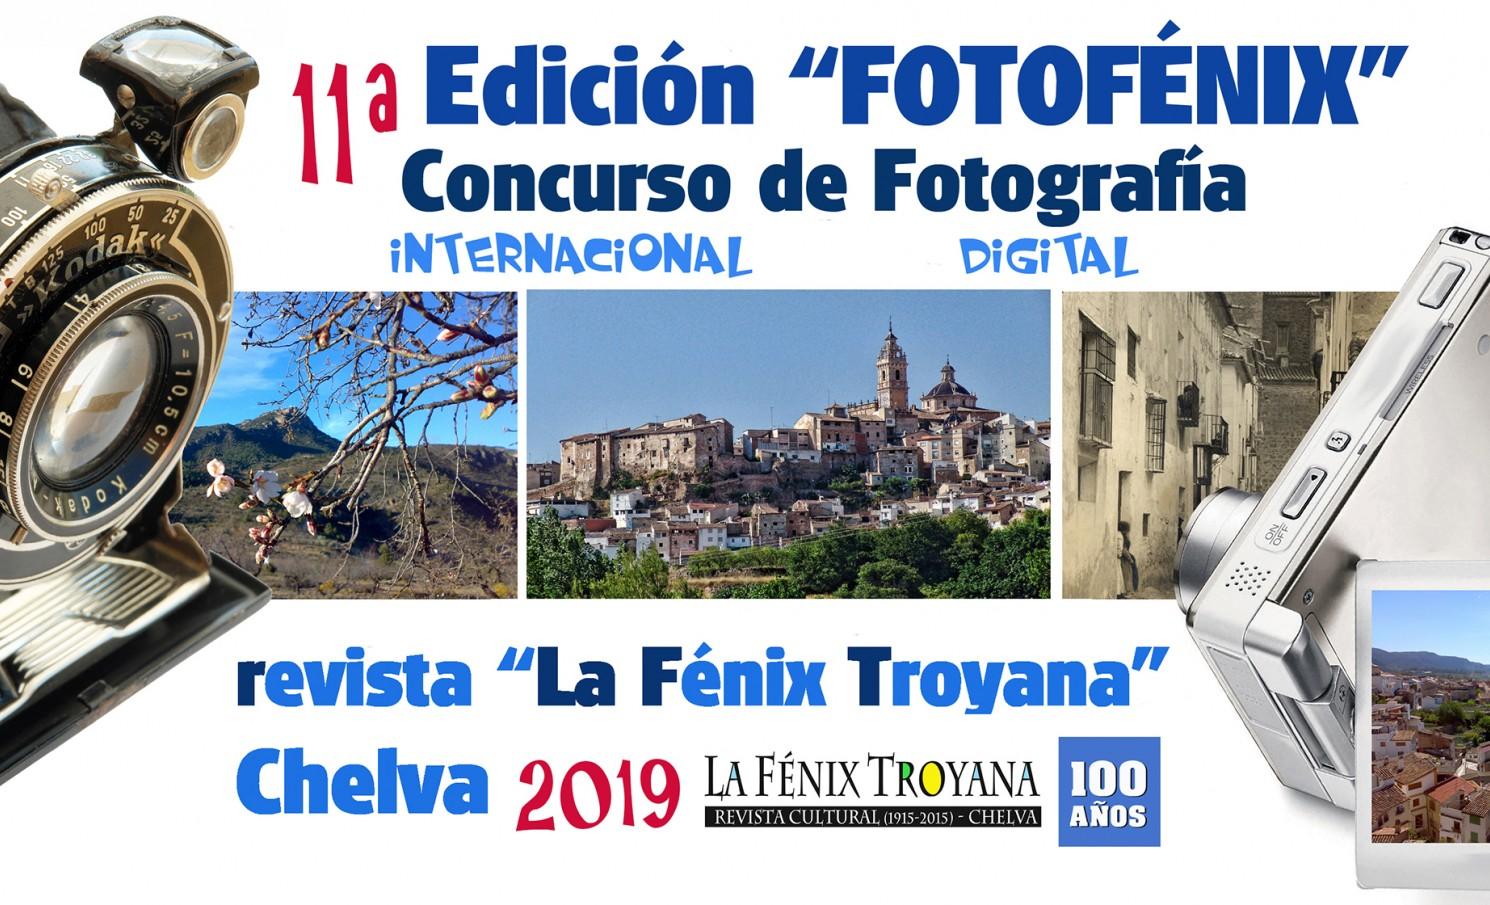 """XI CONCURSO INTERNACIONAL DE FOTOGRAFÍA DIGITAL""""FOTOFÉNIX"""" 2020"""